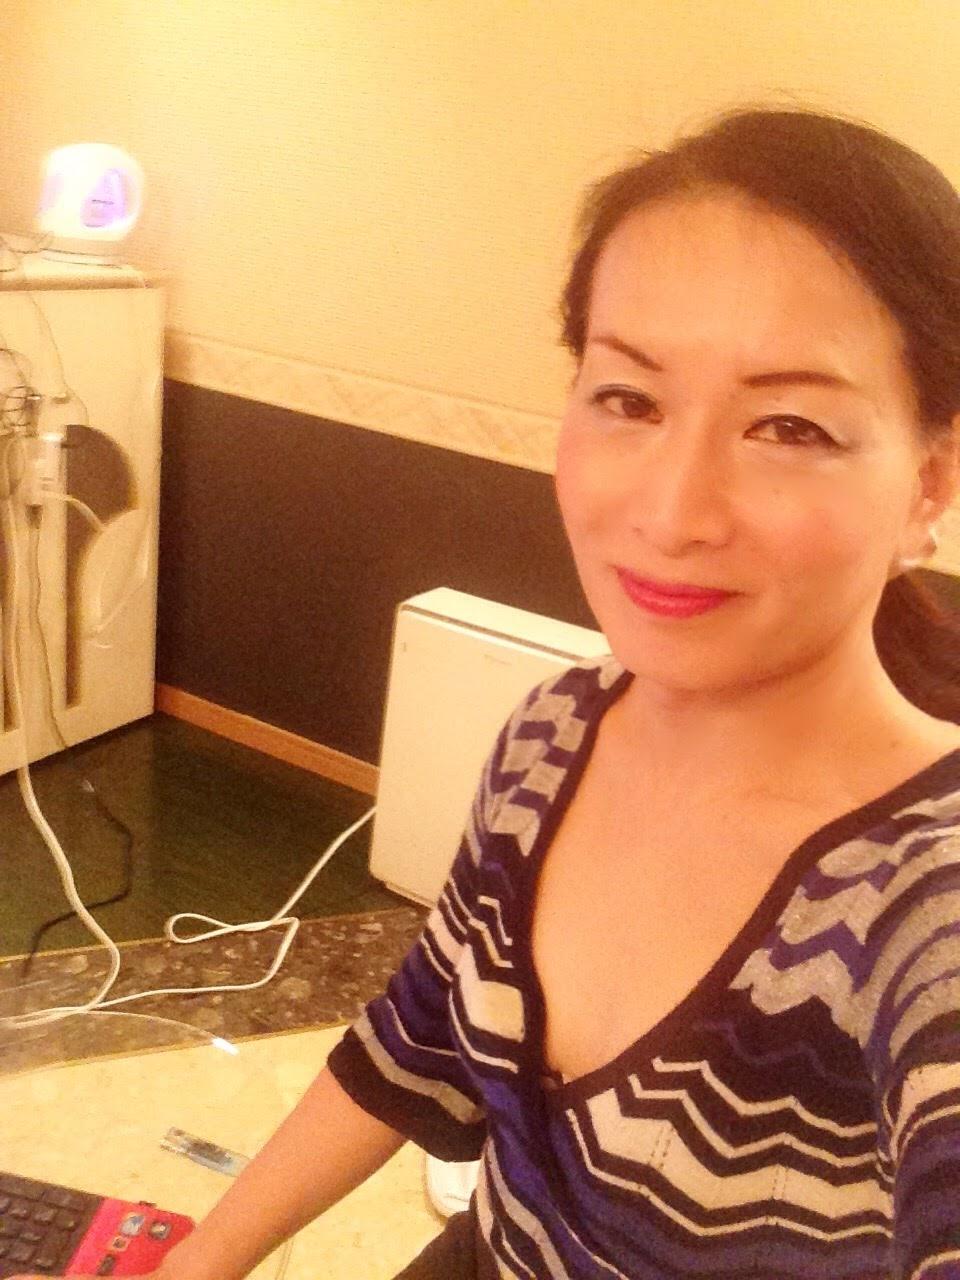 熟女NHヘルス孃マダム舞の袖振り合うも他生の縁|日曜日の朝は・・・・・って、特にいつもと変わらず・・・・ラブホにて朝風呂入って、ブログを書いたり・・・・